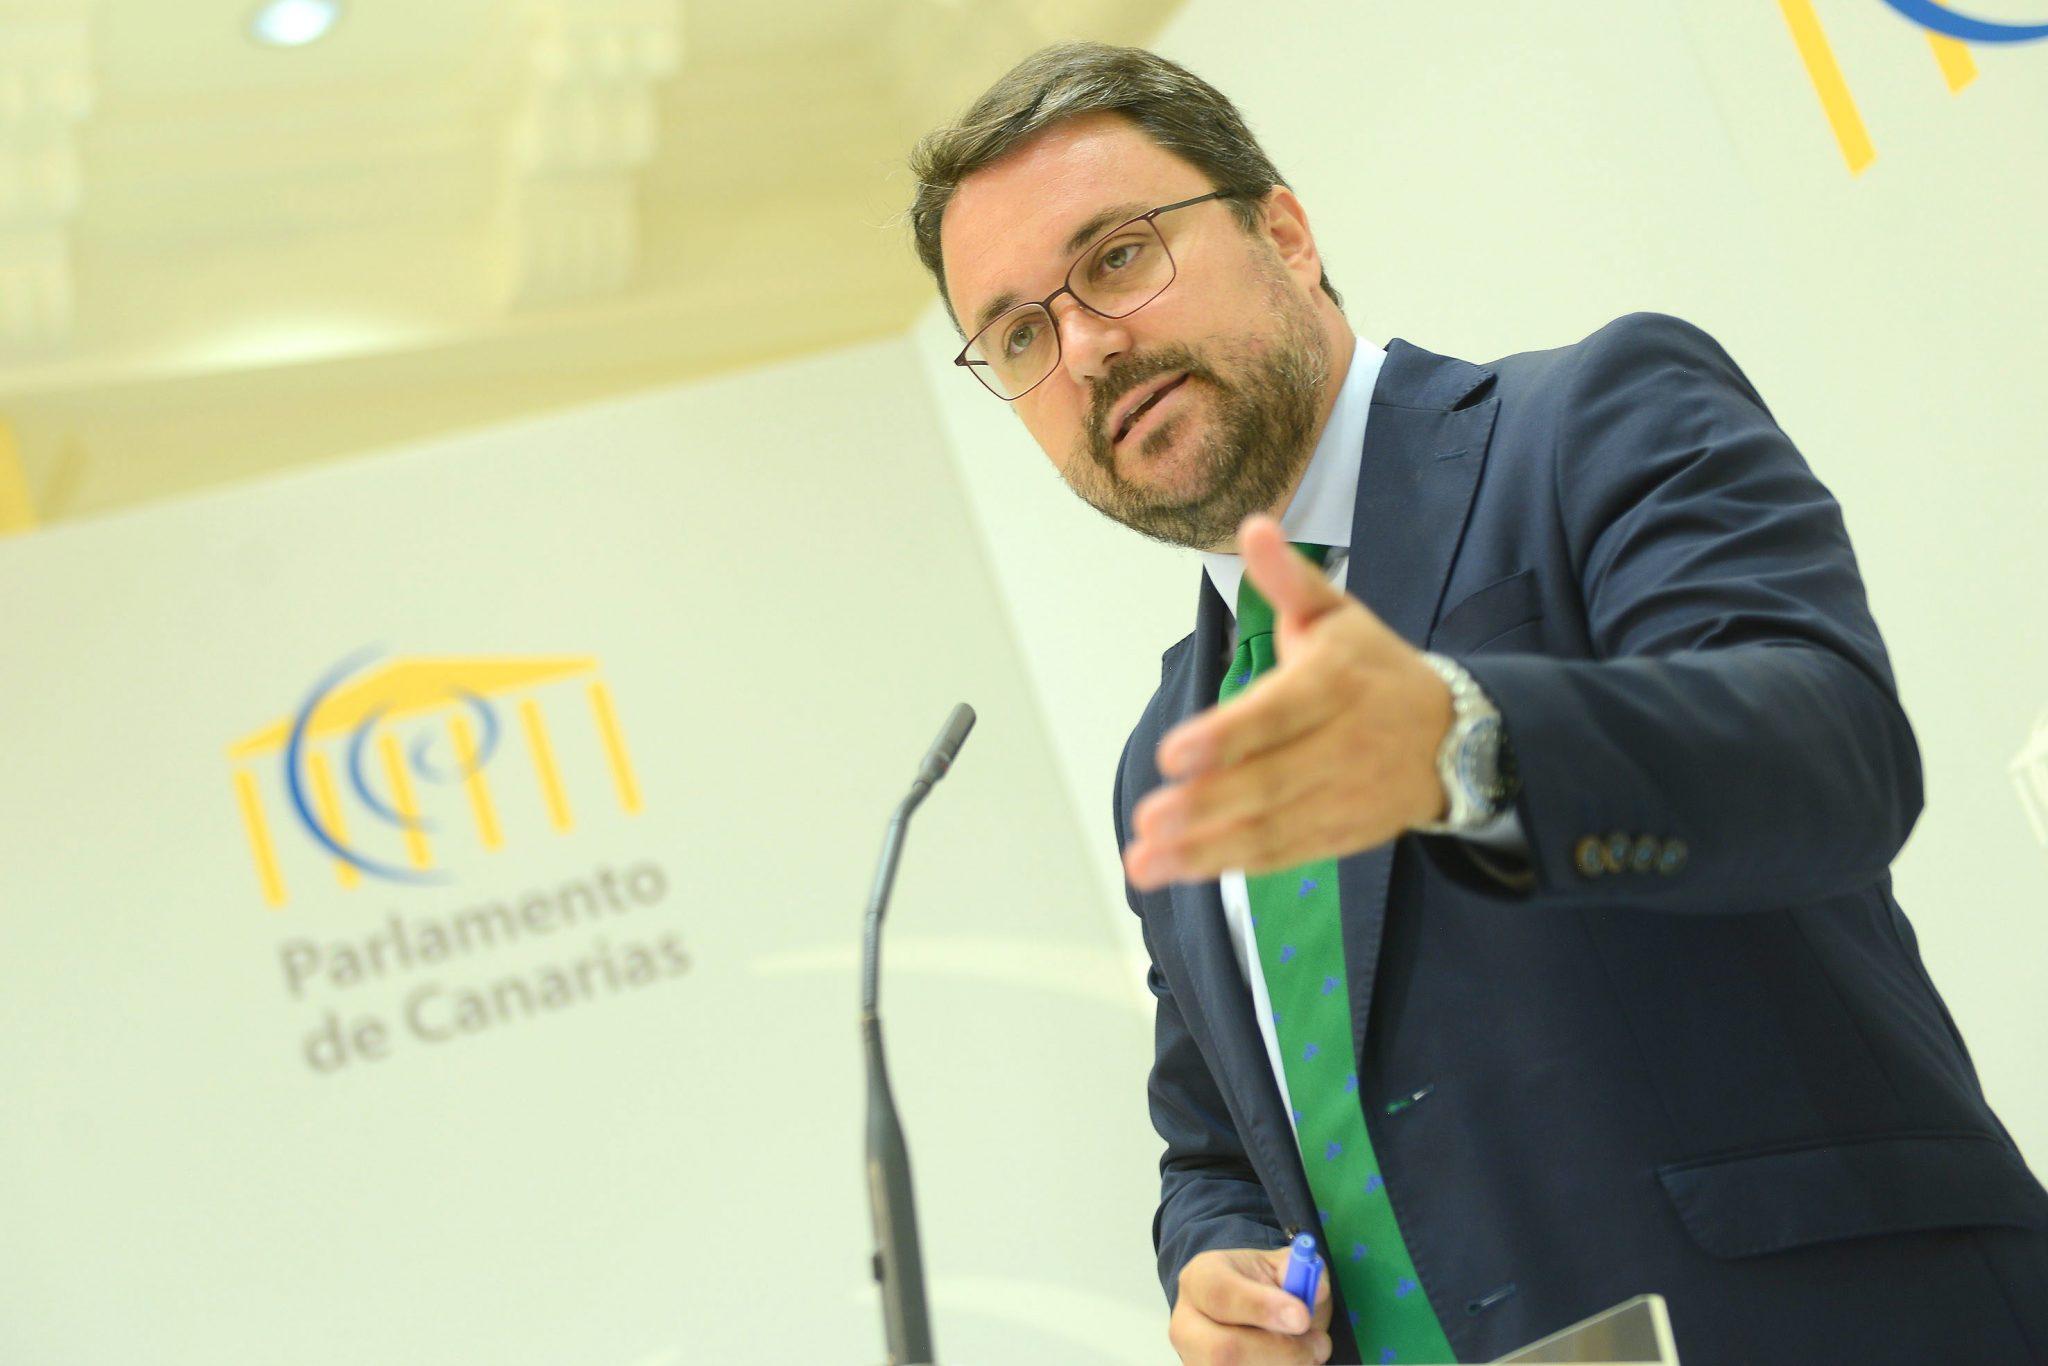 El presidente del PP de Canarias y del grupo parlamentario, Asier Antona, en una rueda de prensa. / SERGIO MÉNDEZ